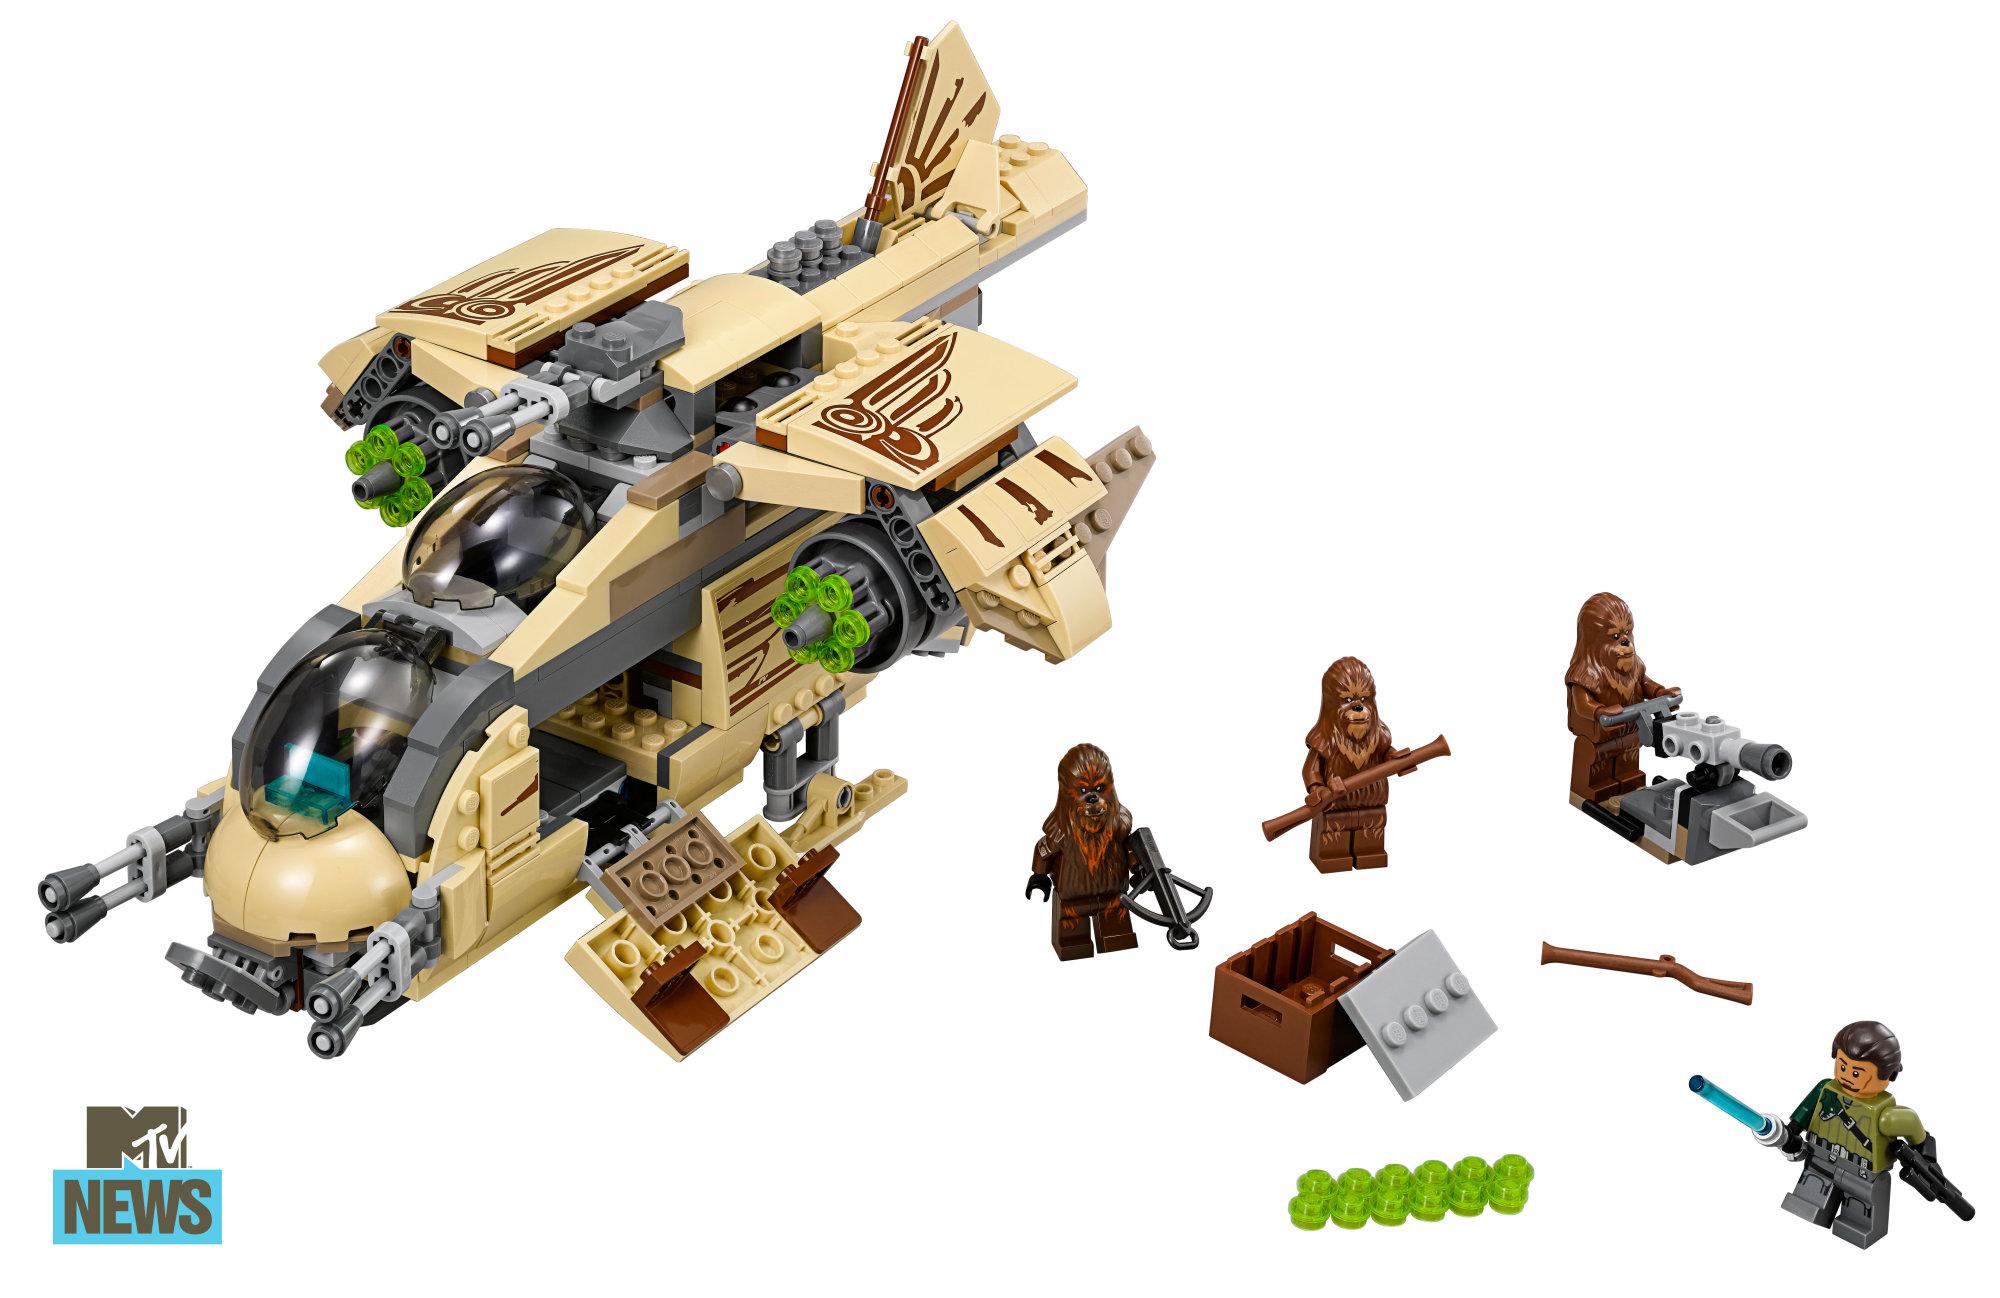 Lego Star Wars Rumored Set List